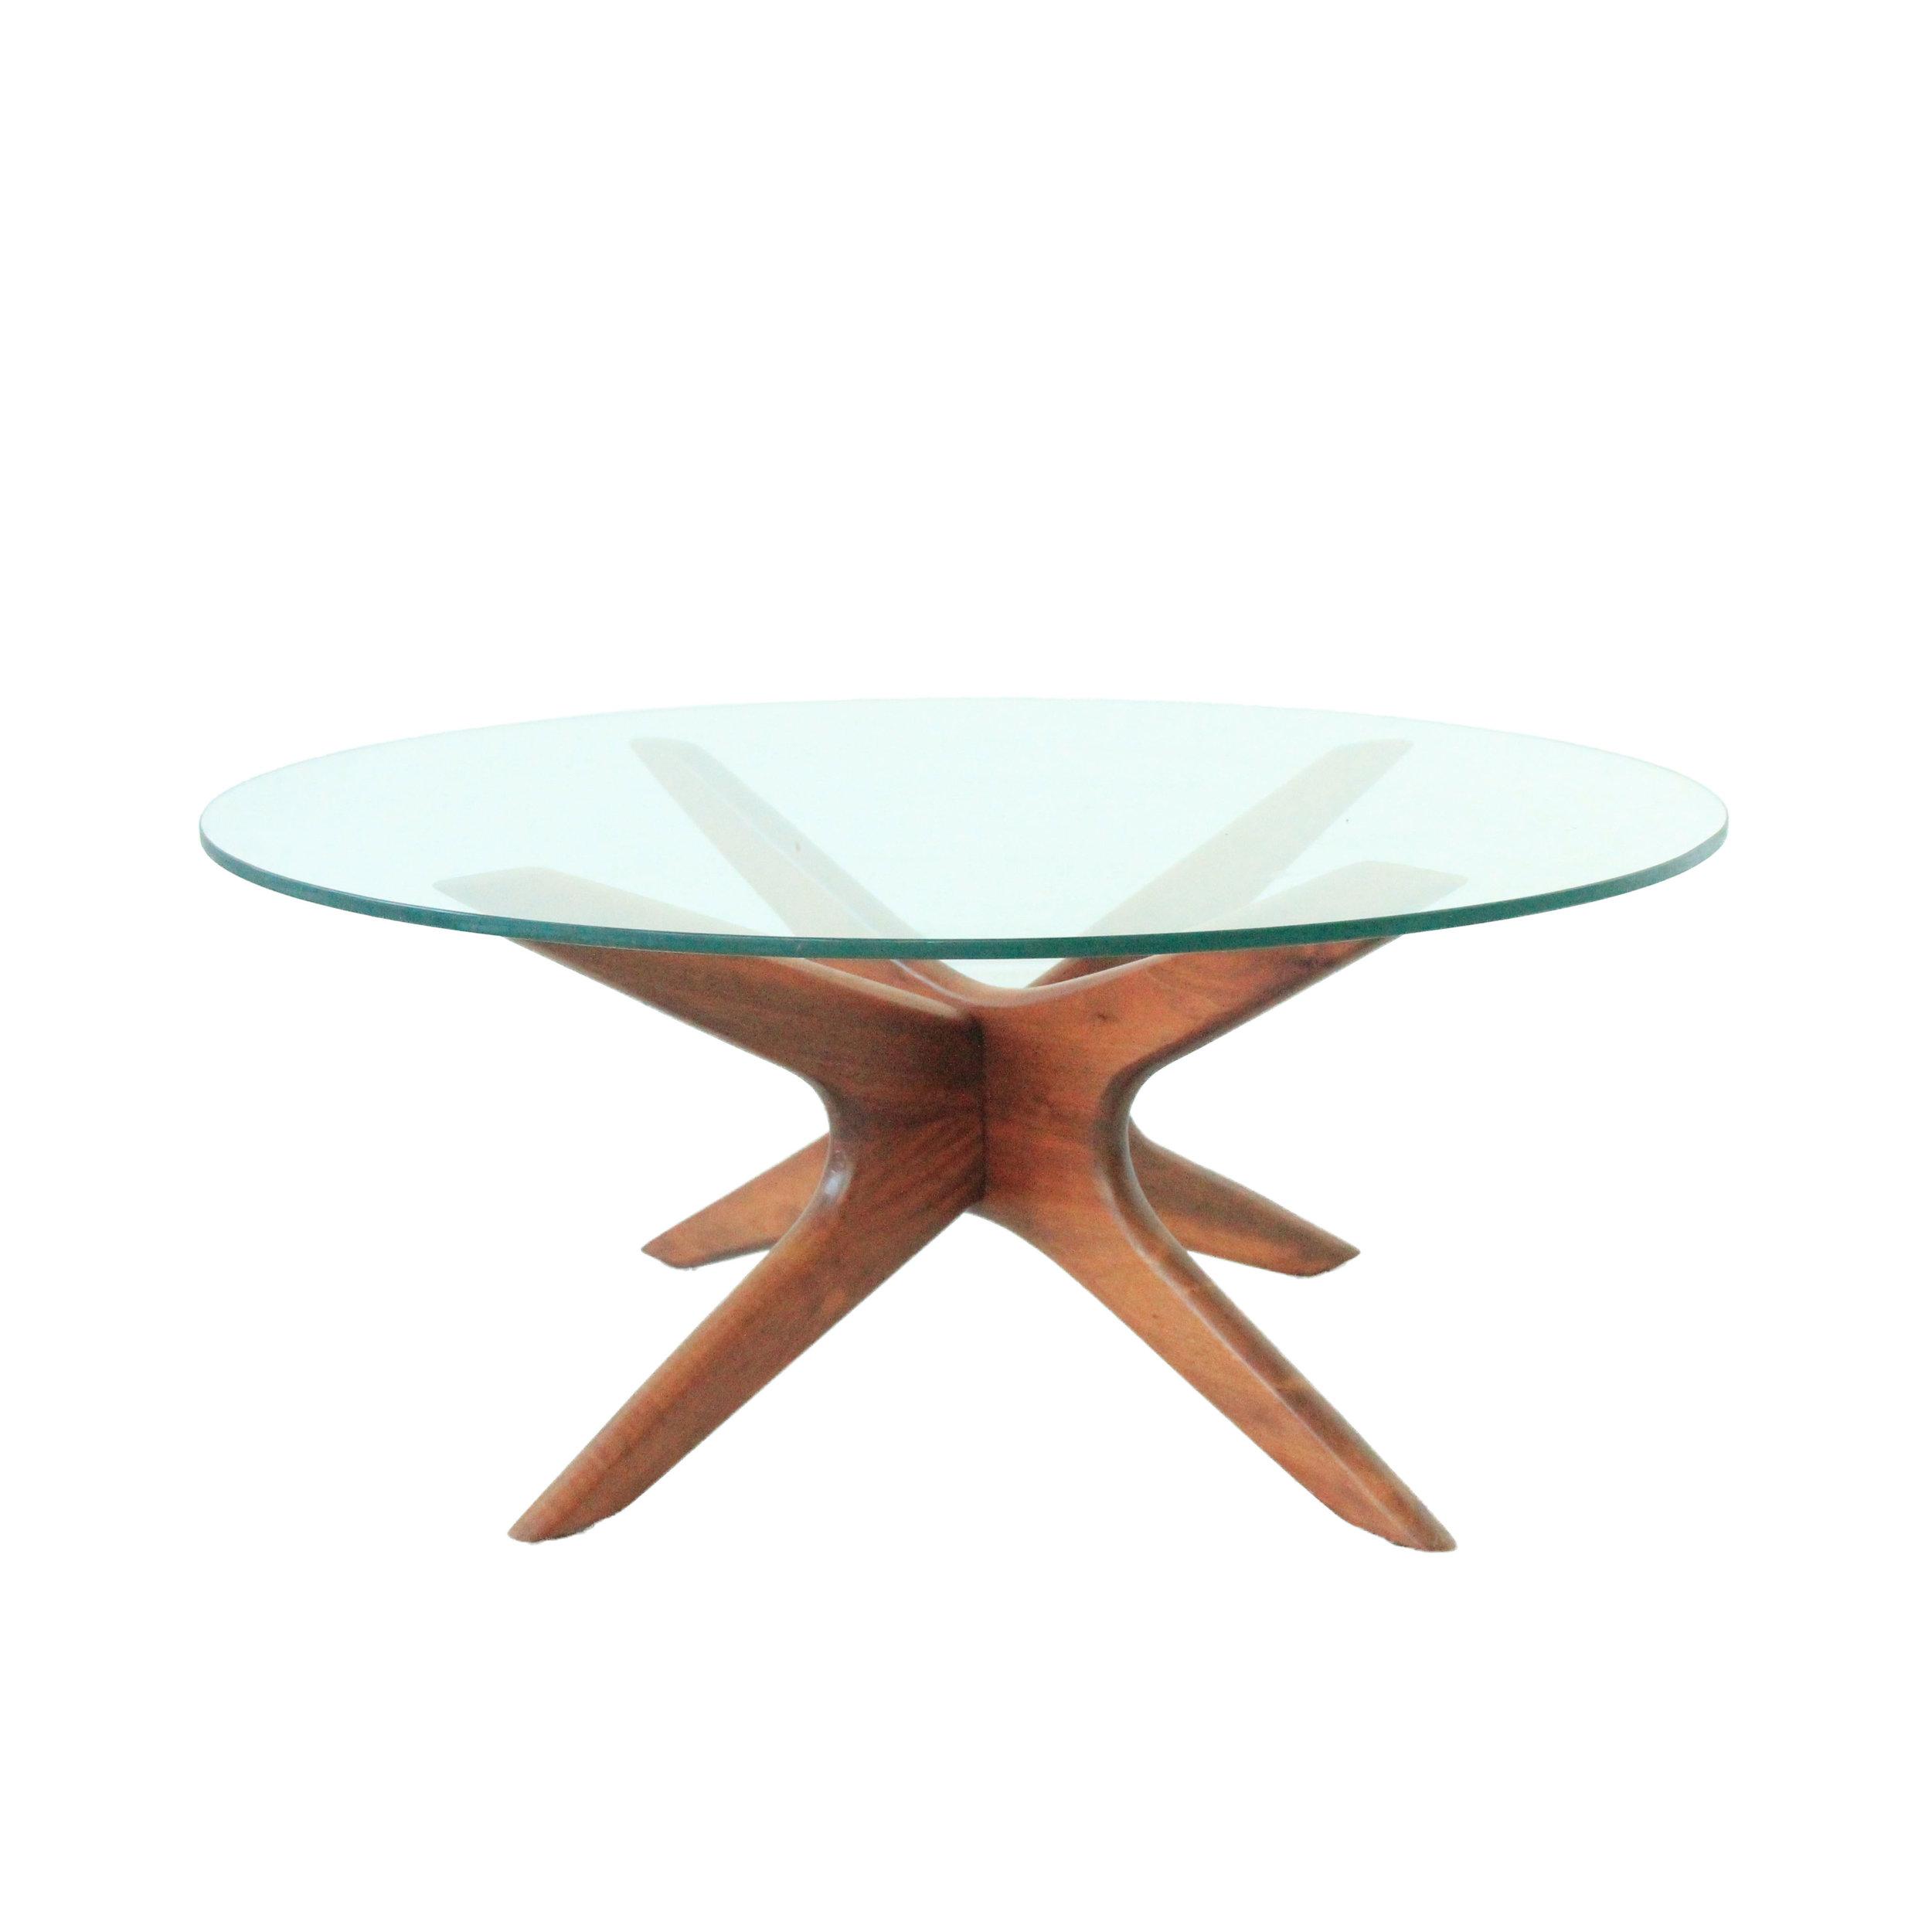 vintage mid century atomic coffee table.jpg